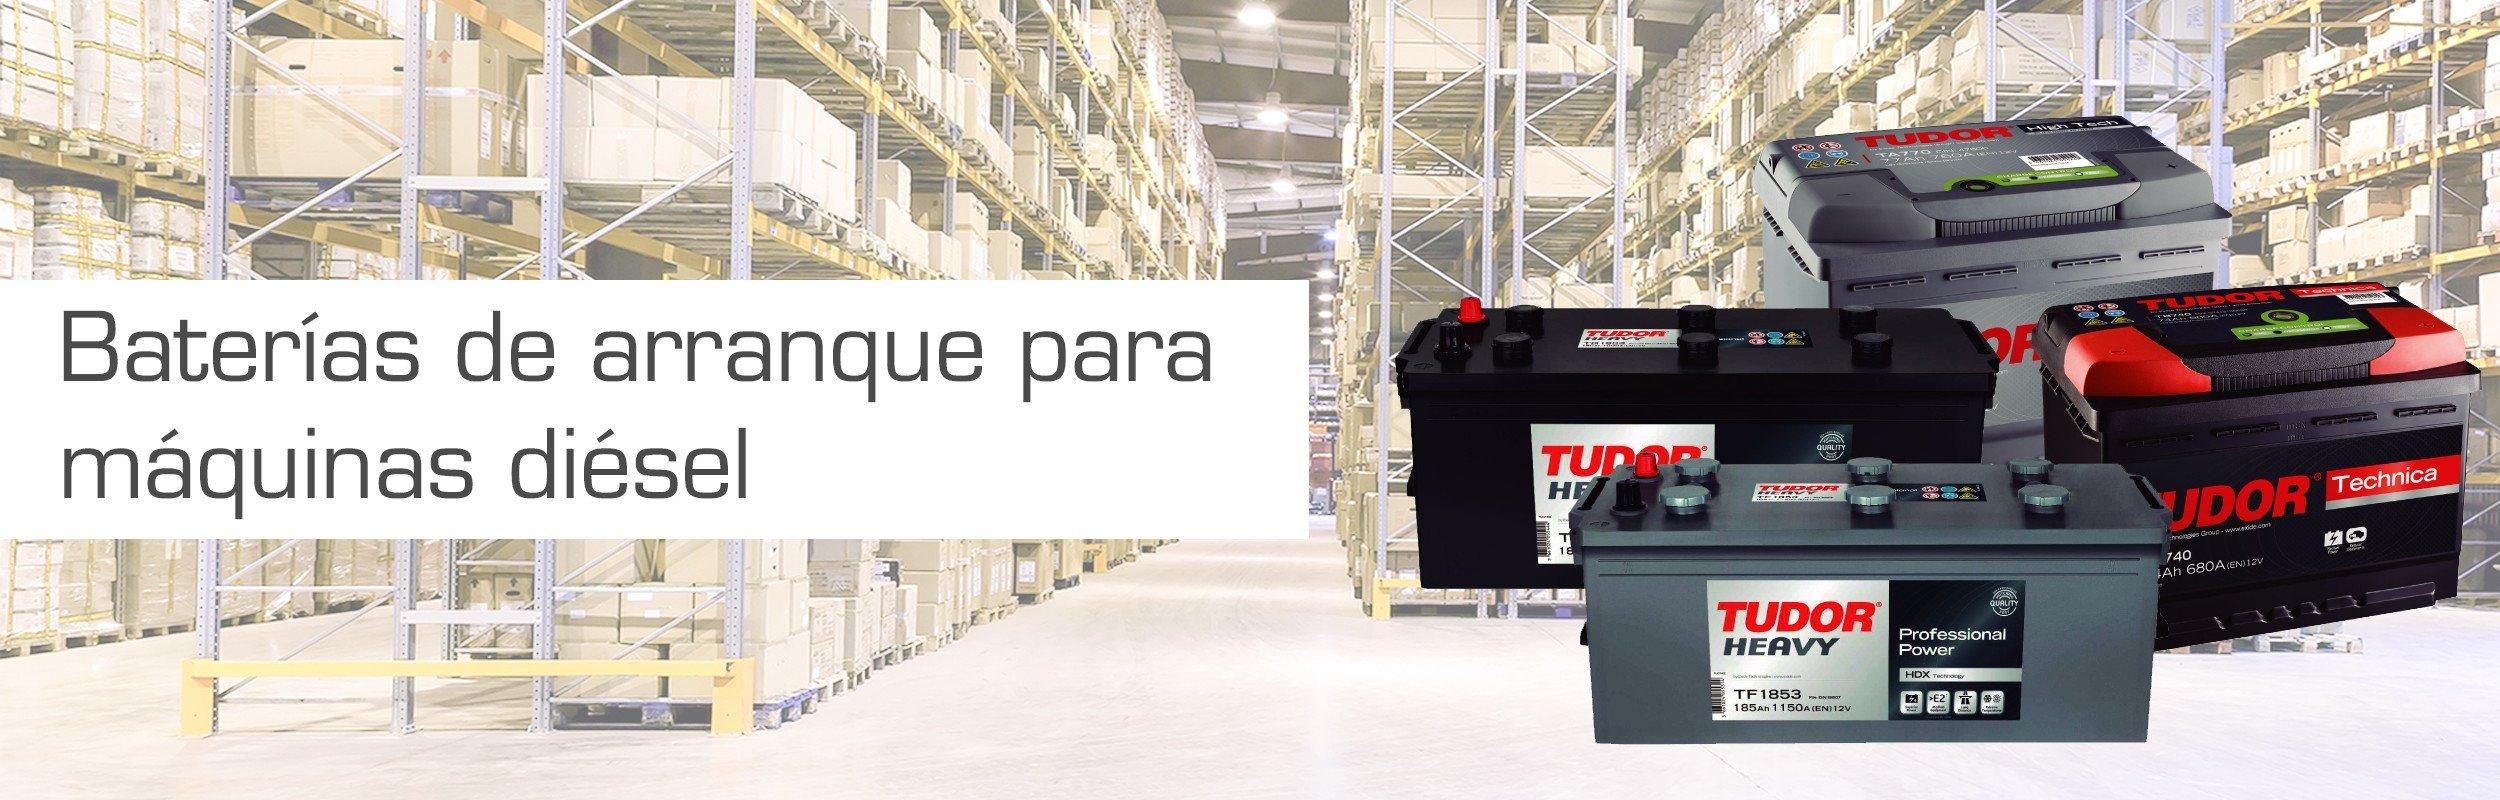 Baterías de arranque :: Baterías tracción, baterías carretillas, baterías transpaletas